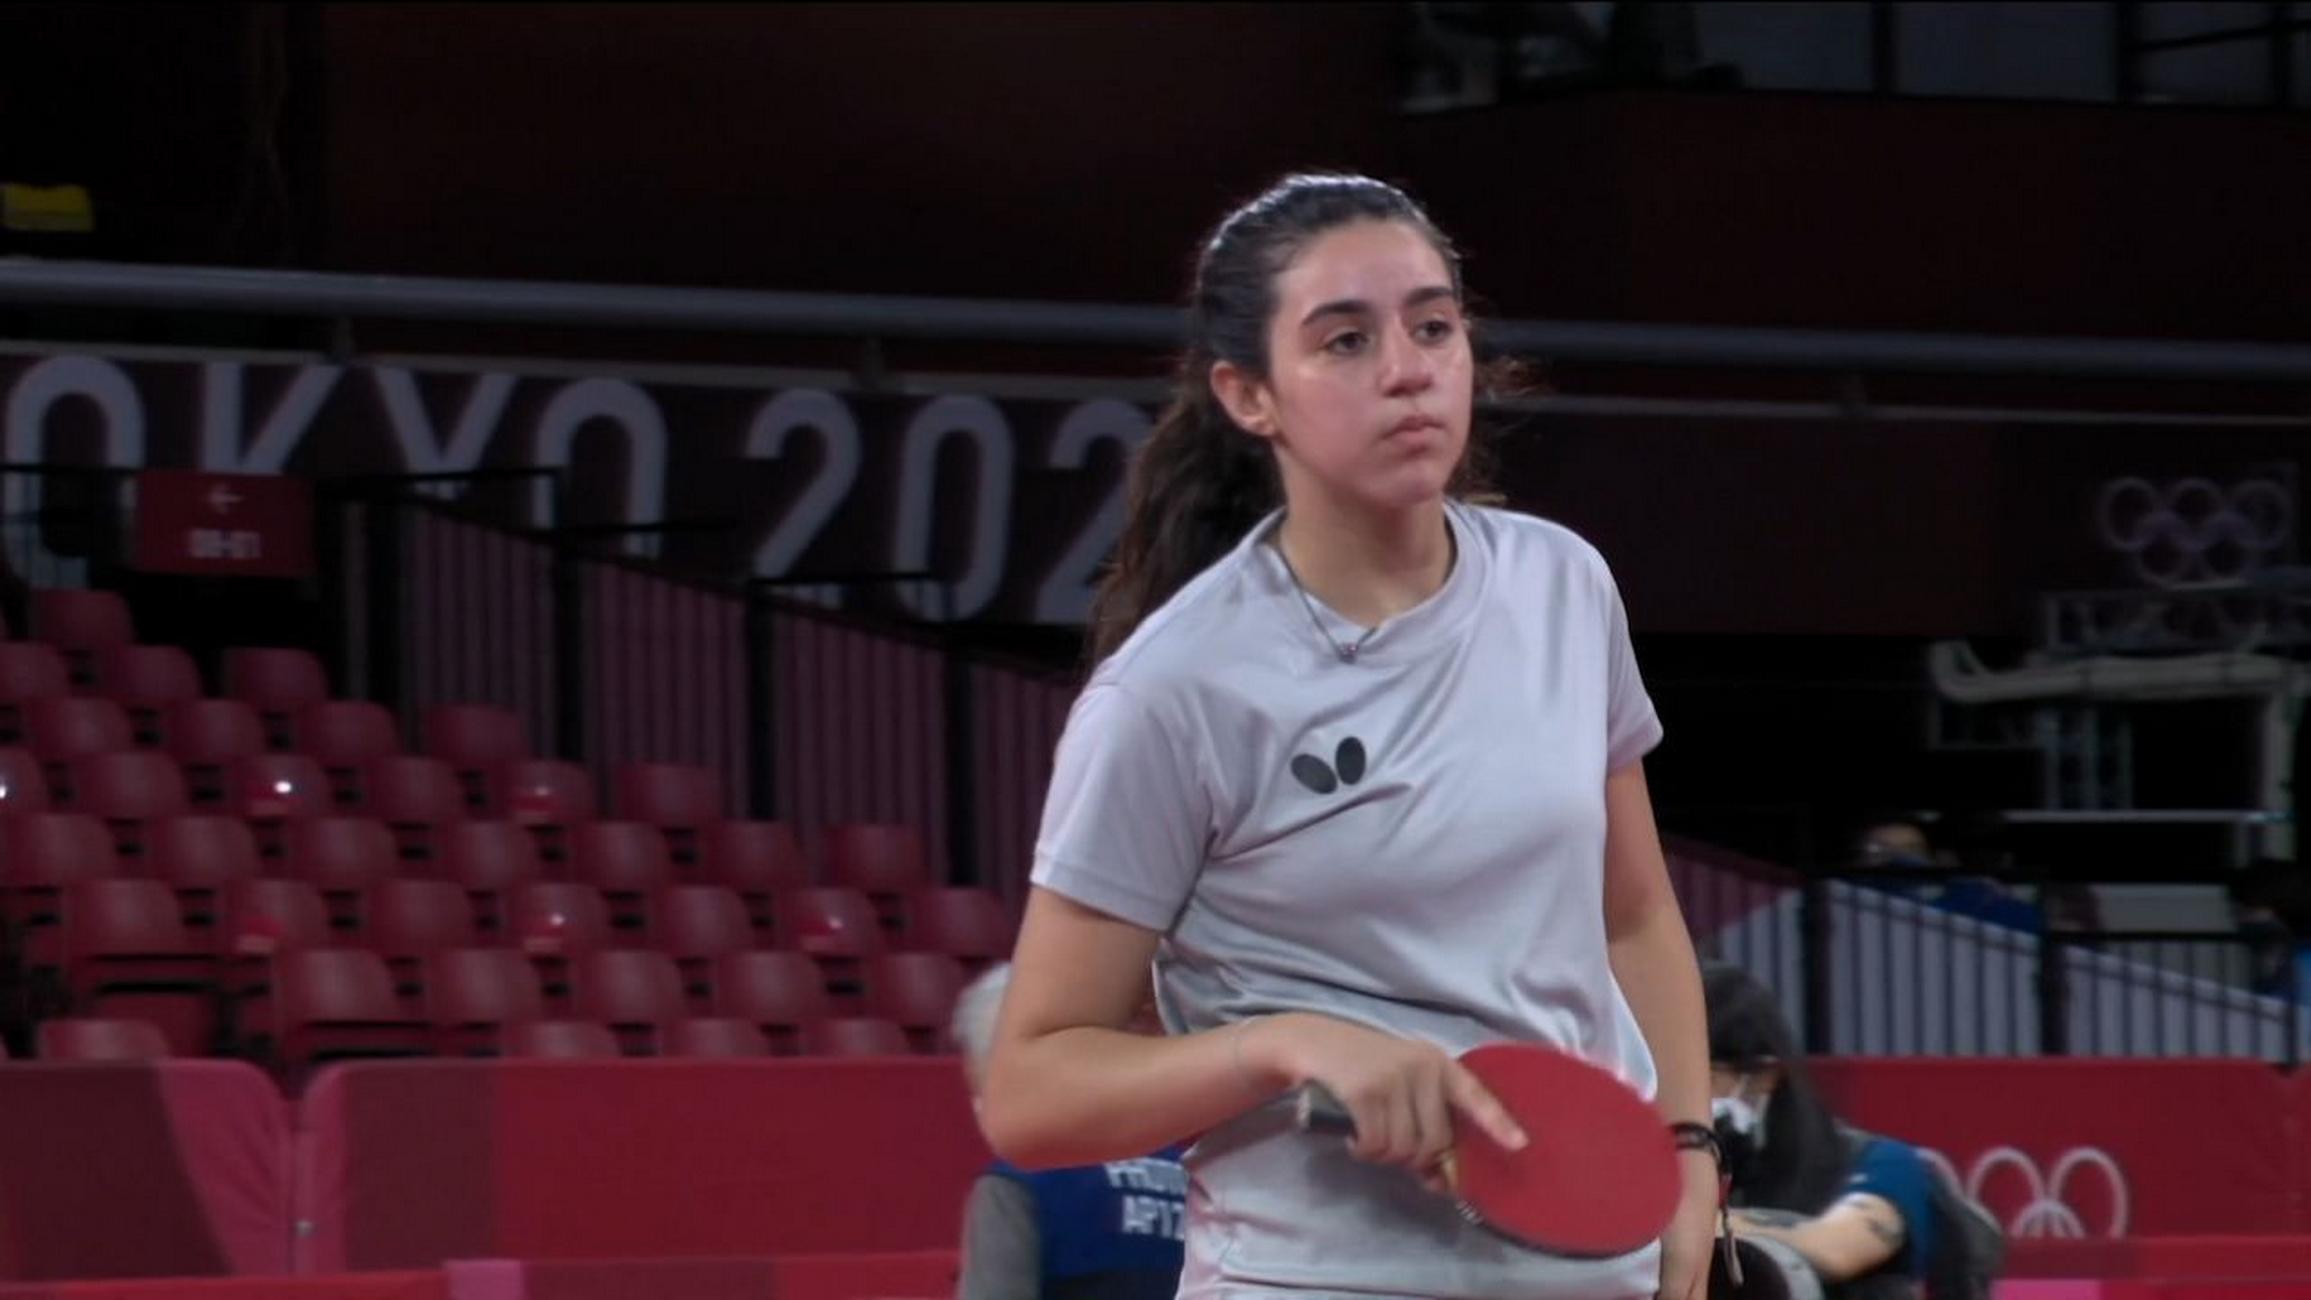 Ολυμπιακοί Αγώνες: Η 12χρονη που έγραψε ιστορία στο Τόκιο